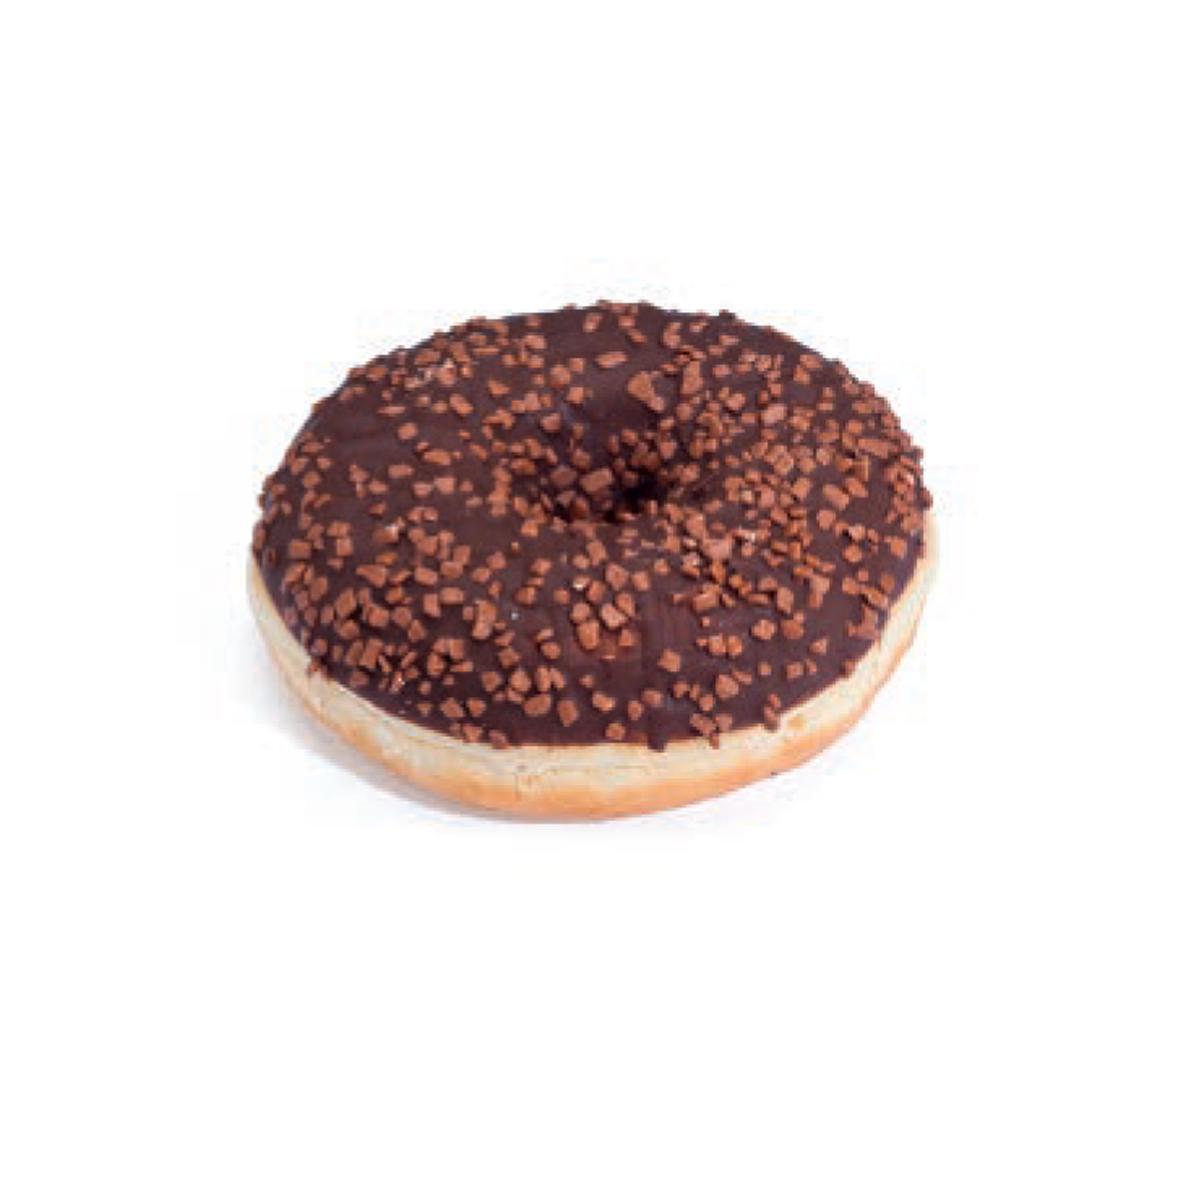 Donut choc